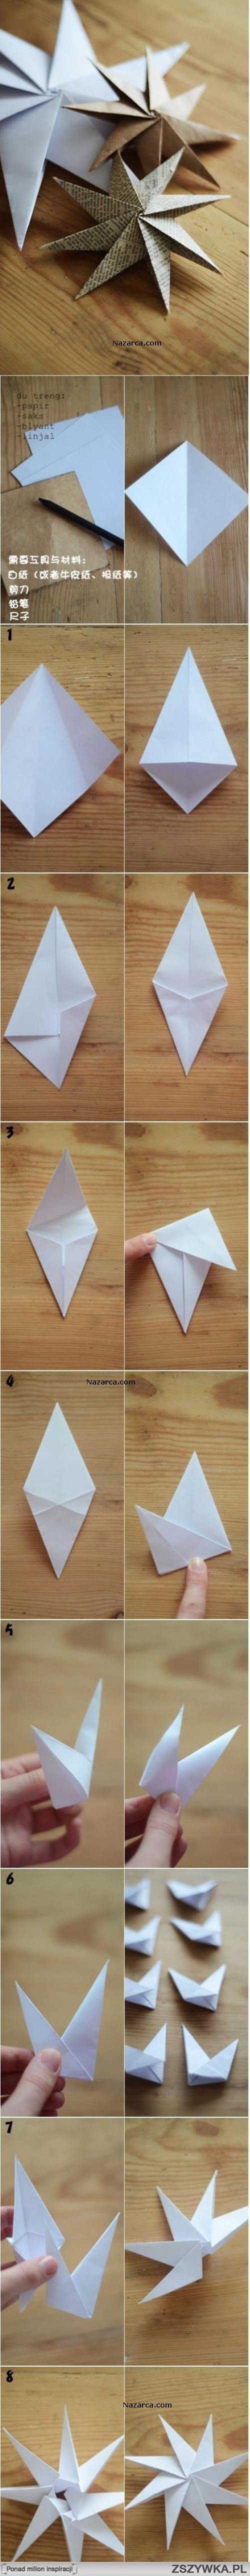 kagitla-3d-yildiz-origami-yapimi